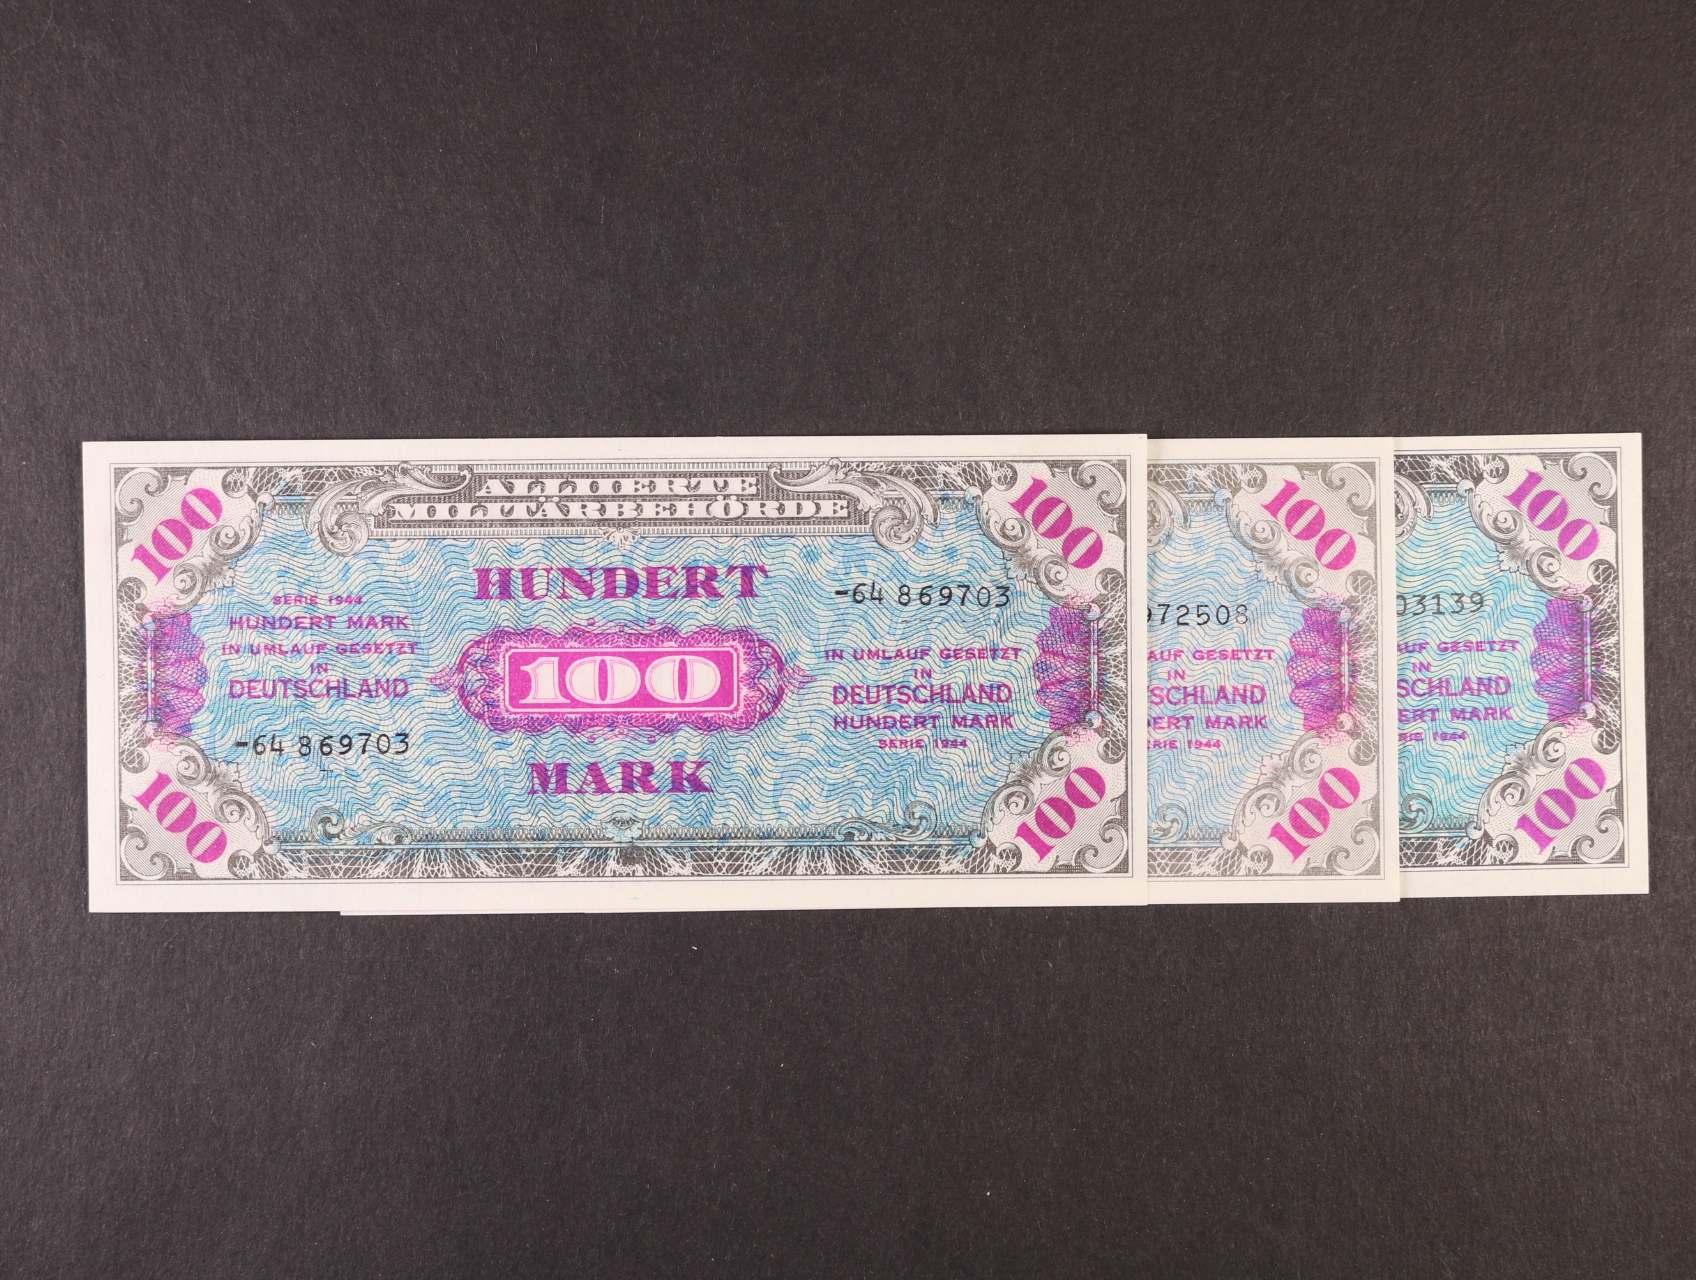 Allierte, 100 Mark 1944 9-ti místný číslovač, tisk USA + 8-mi a 9-ti místný číslovač, tisk SSSR, platné na ČS území, Ro. 206 a, c, d, Ba. AM7a, c, d